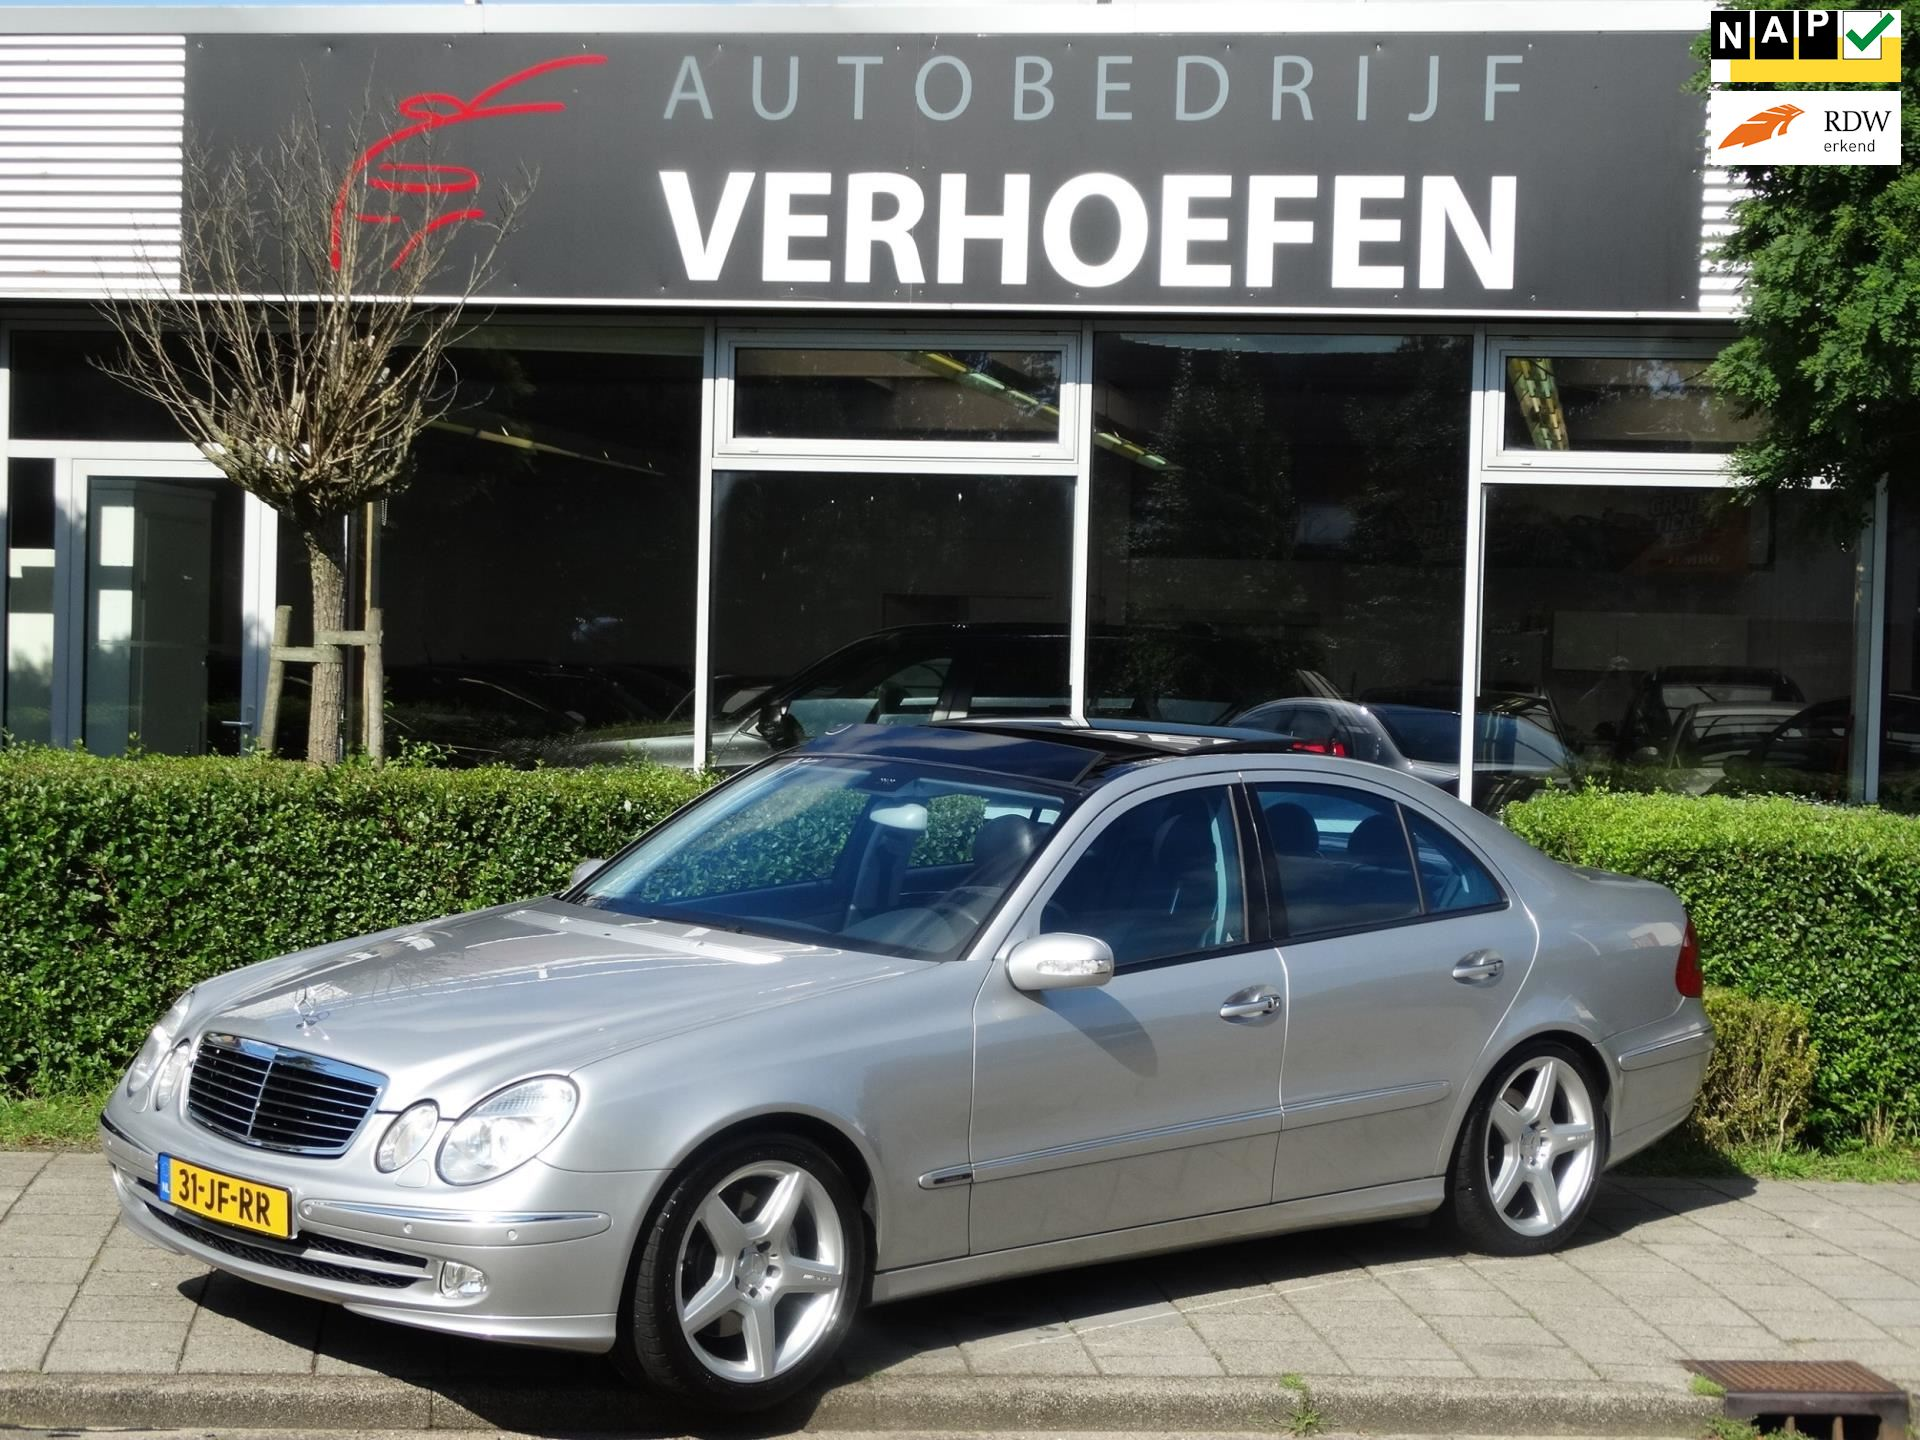 Mercedes-Benz E-klasse occasion - Autobedrijf Verhoefen